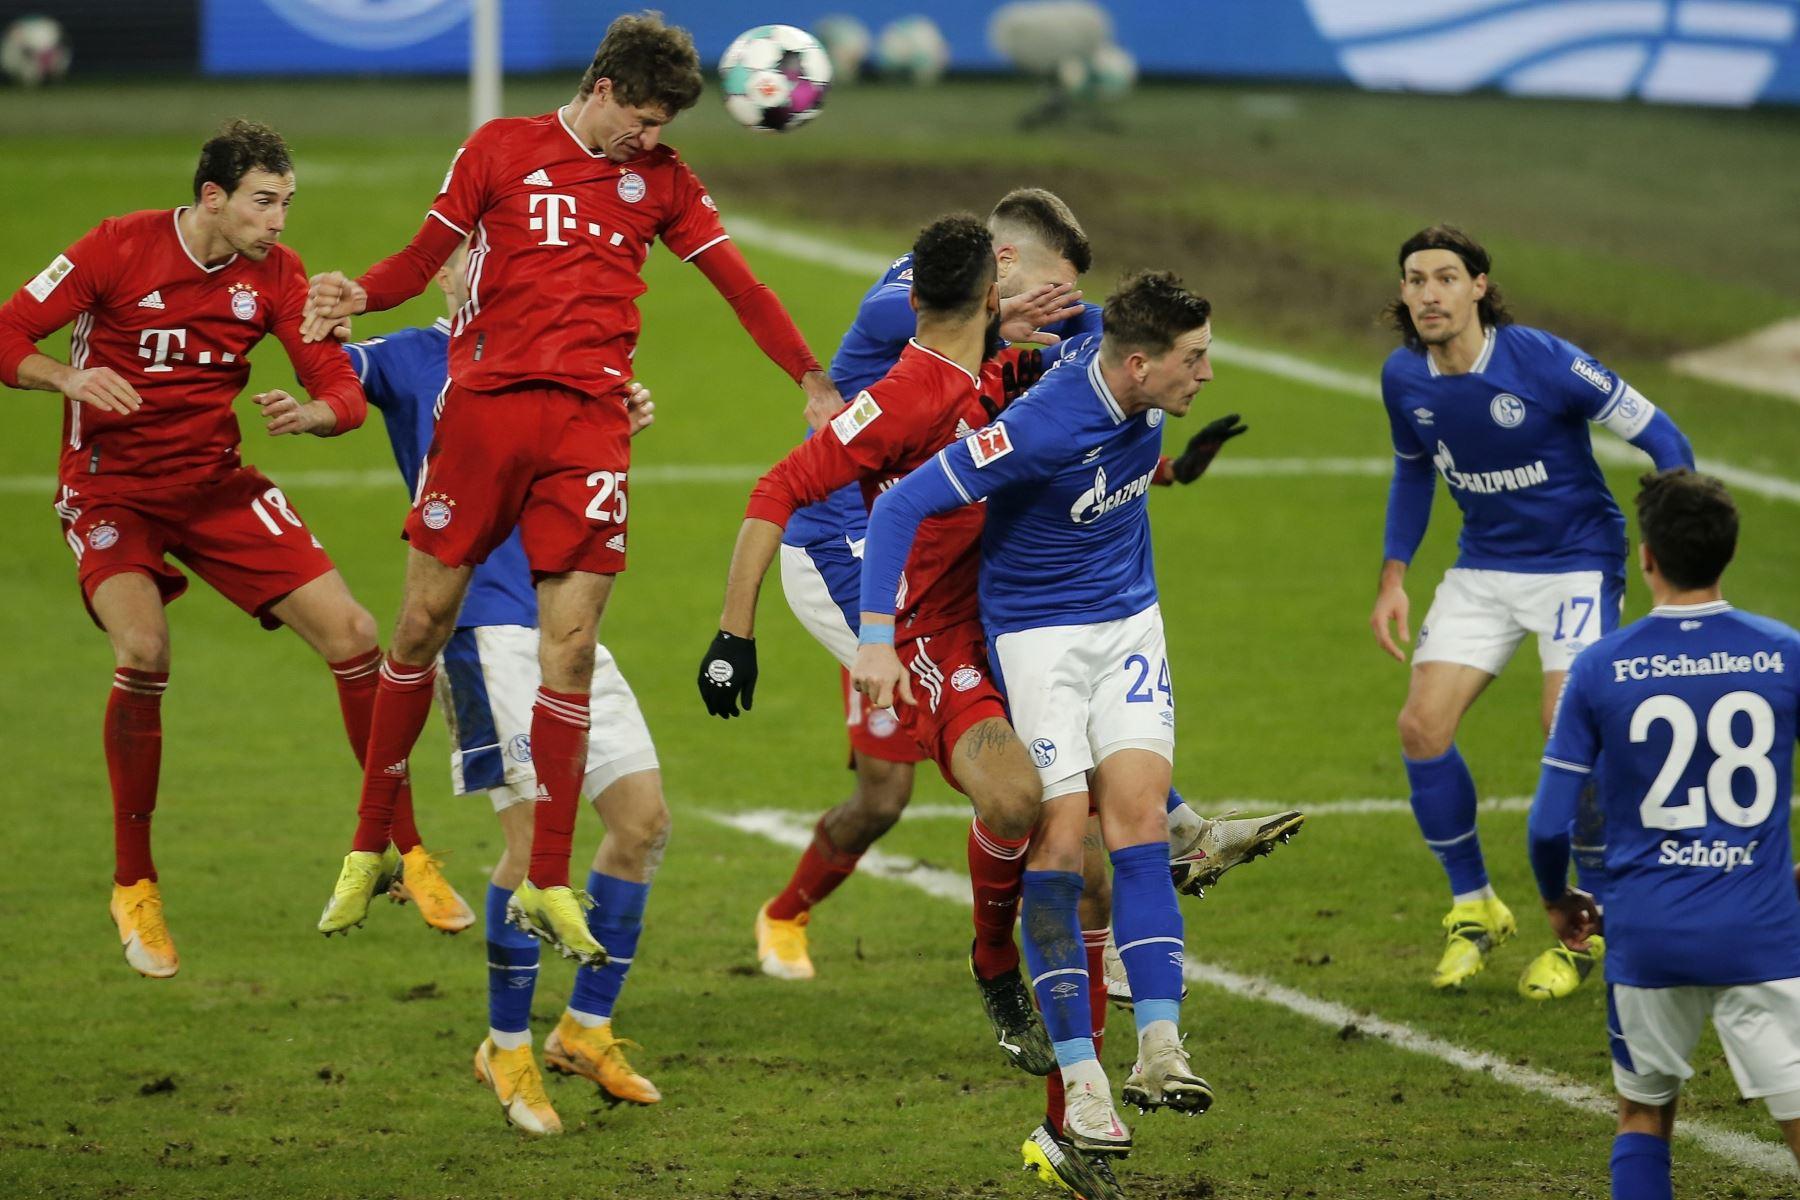 Thomas Mueller del Bayern anota el tercer gol de su equipo durante el partido de fútbol de la Bundesliga alemana entre el FC Schalke 04 y el FC Bayern de Múnich en Gelsenkirchen, Alemania. Foto: EFE